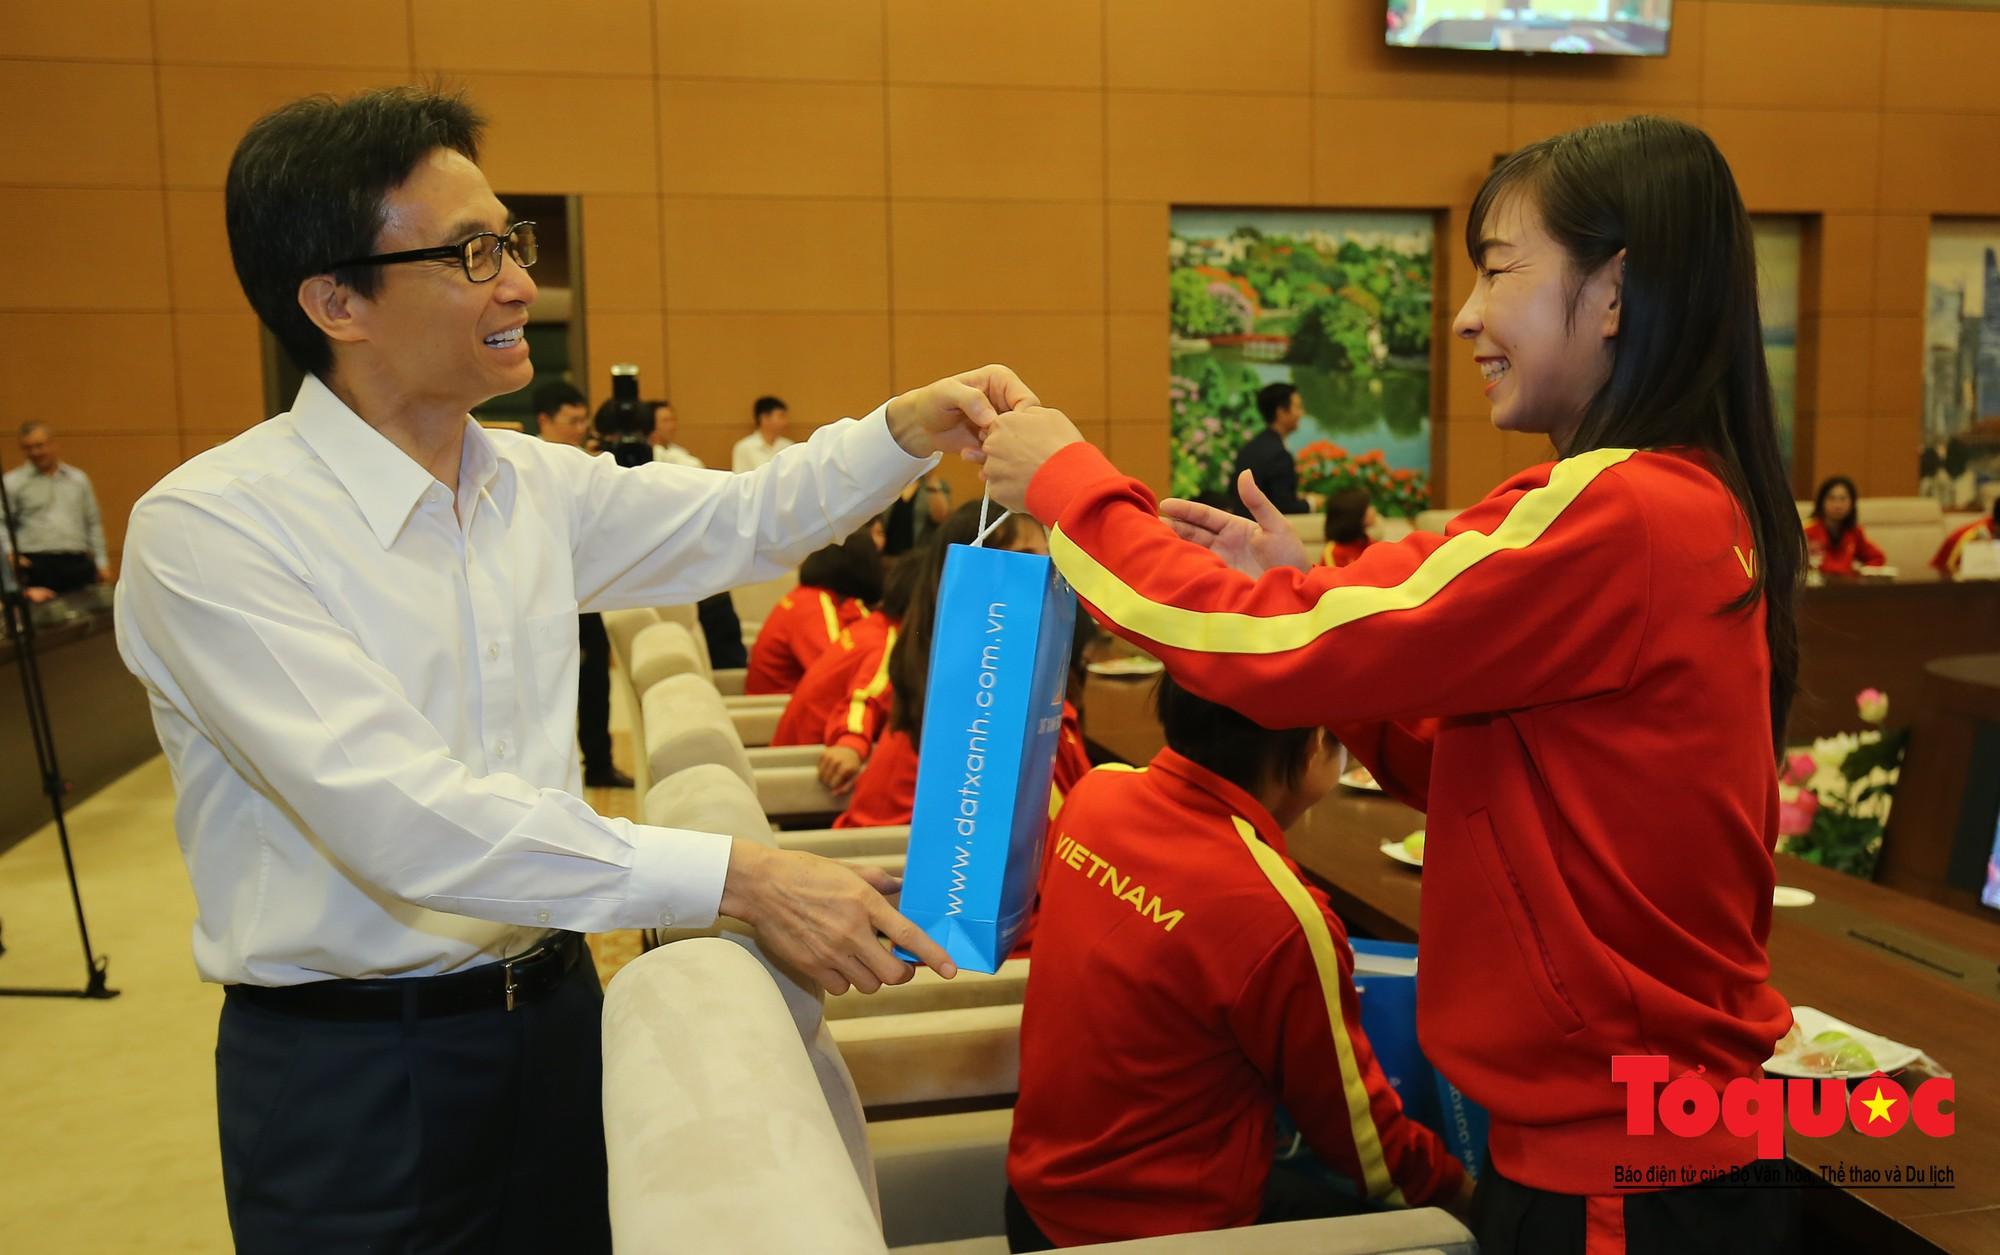 Chủ tịch Quốc hội Nguyễn Thị Kim Ngân: Bóng đá nam nhìn thành tích bóng đá nữ còn phải mơ ước dài16